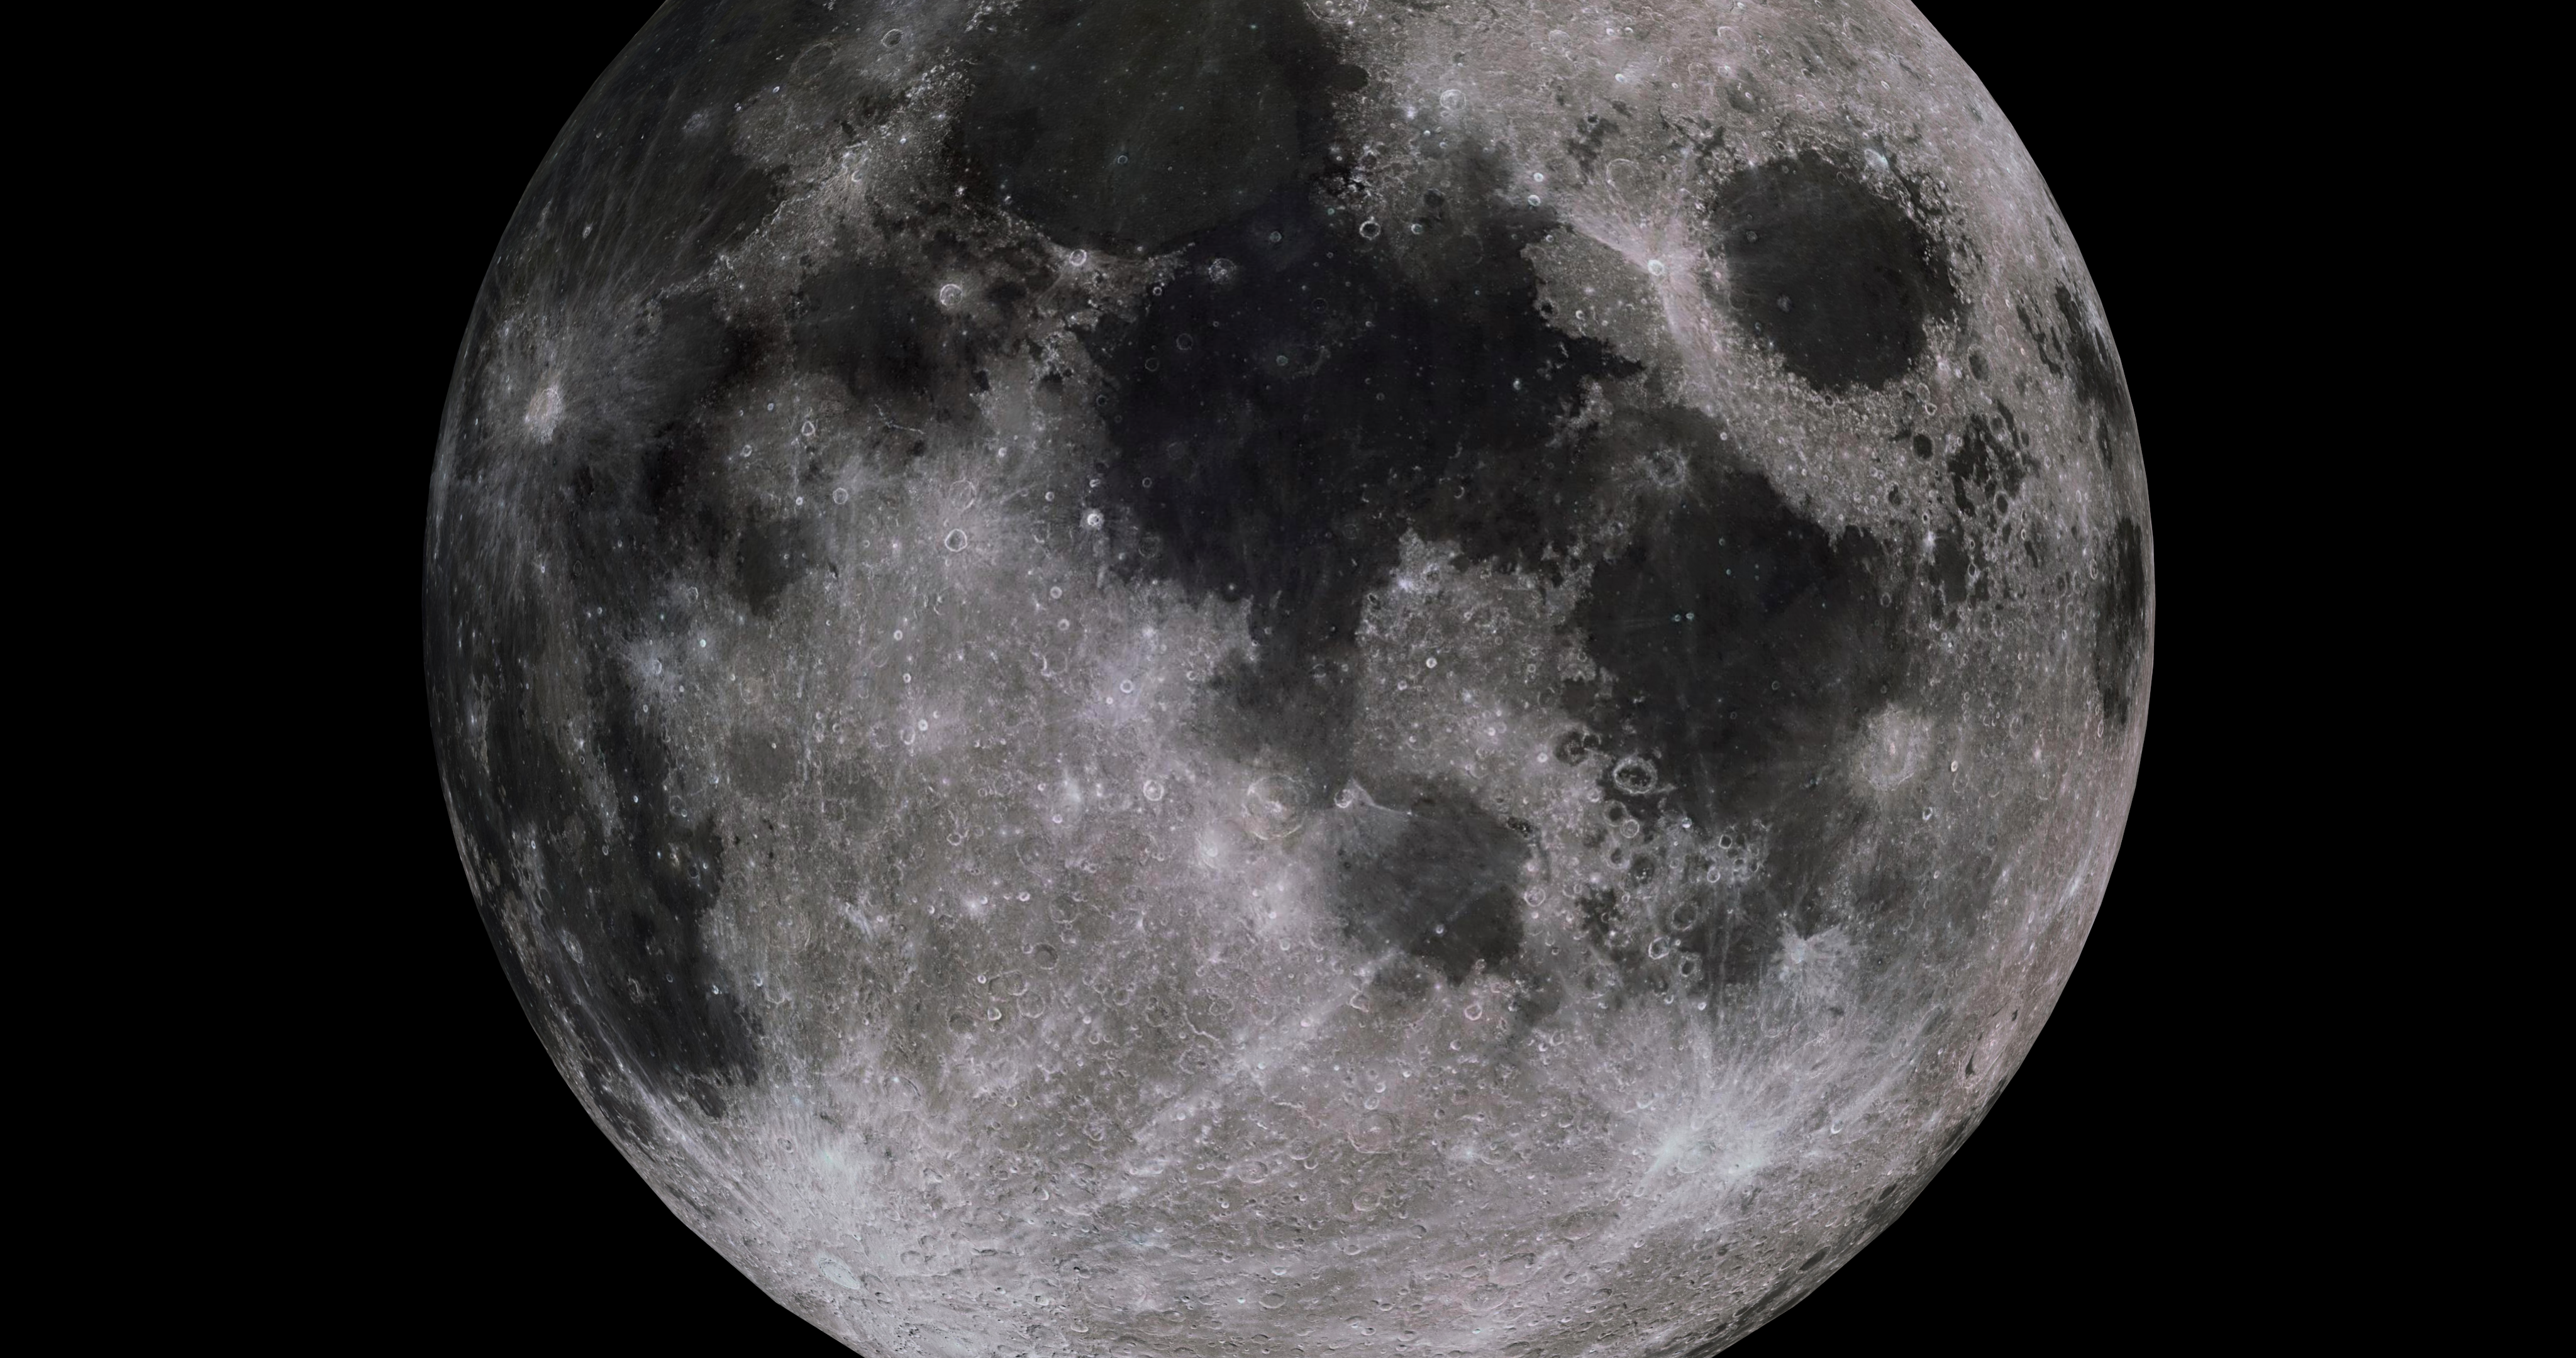 moon 8k 3d model 3ds fbx blend dae obj 210901